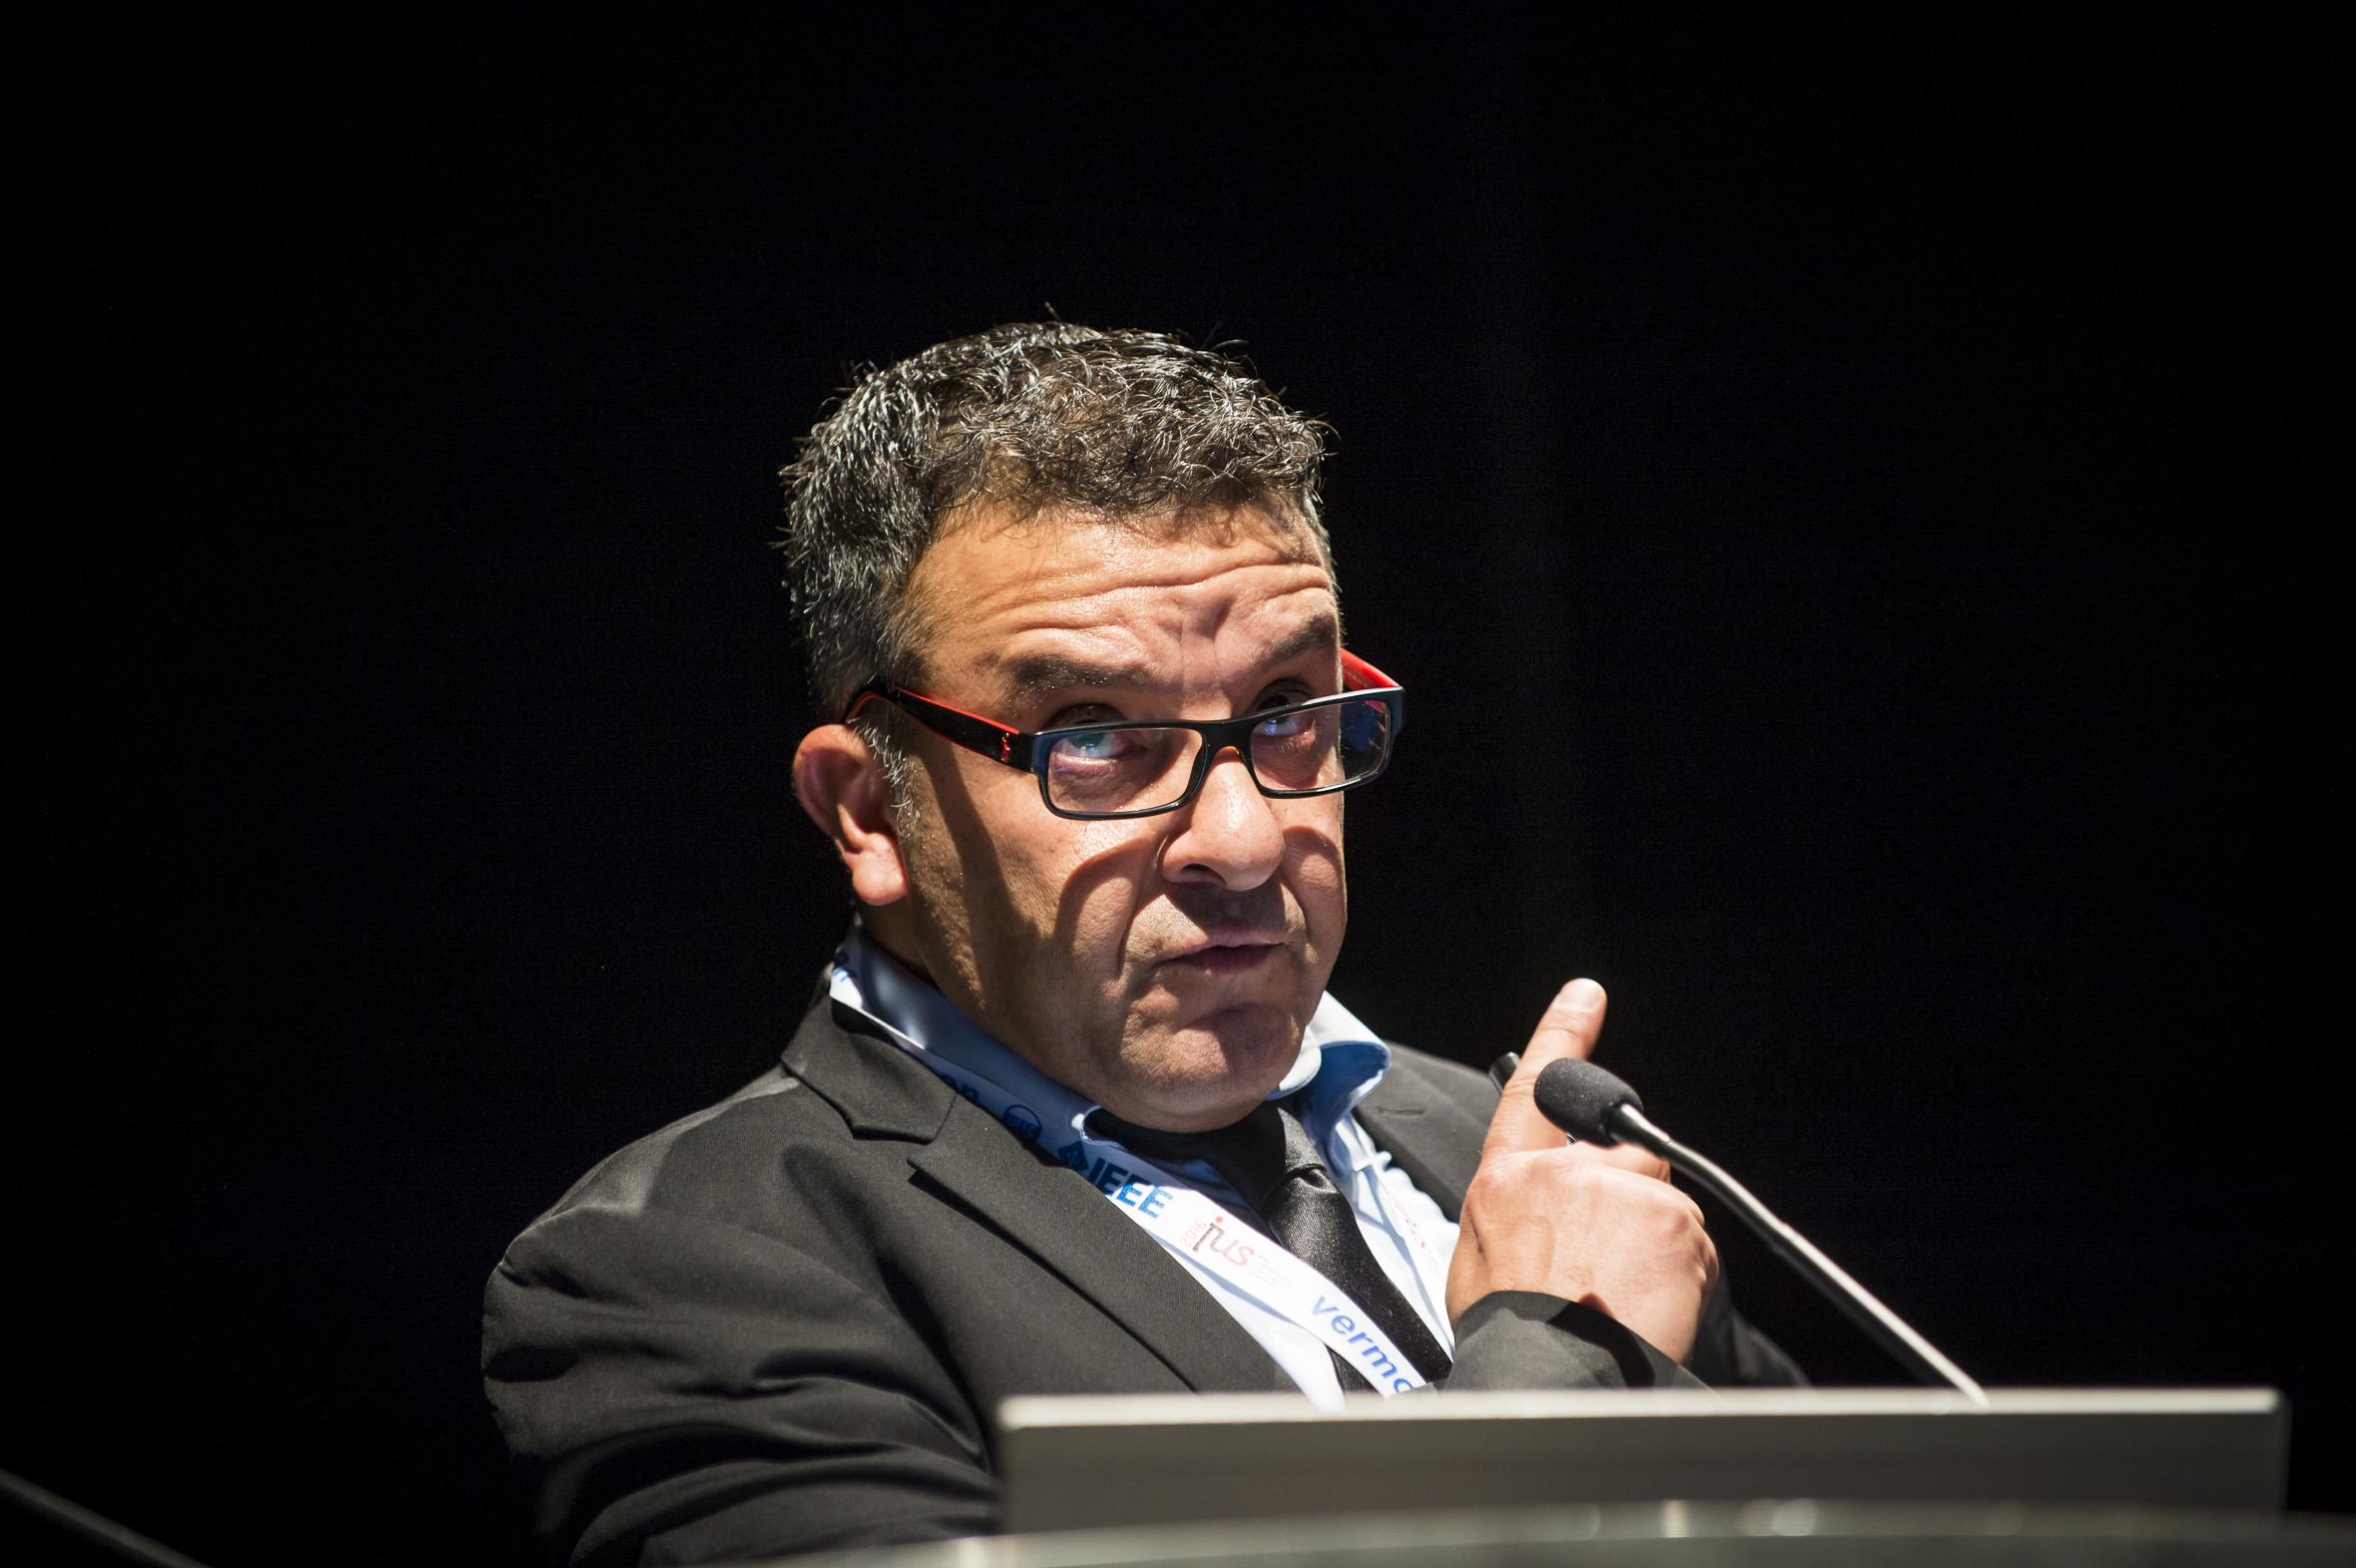 Dr. Ayache Bouakaz